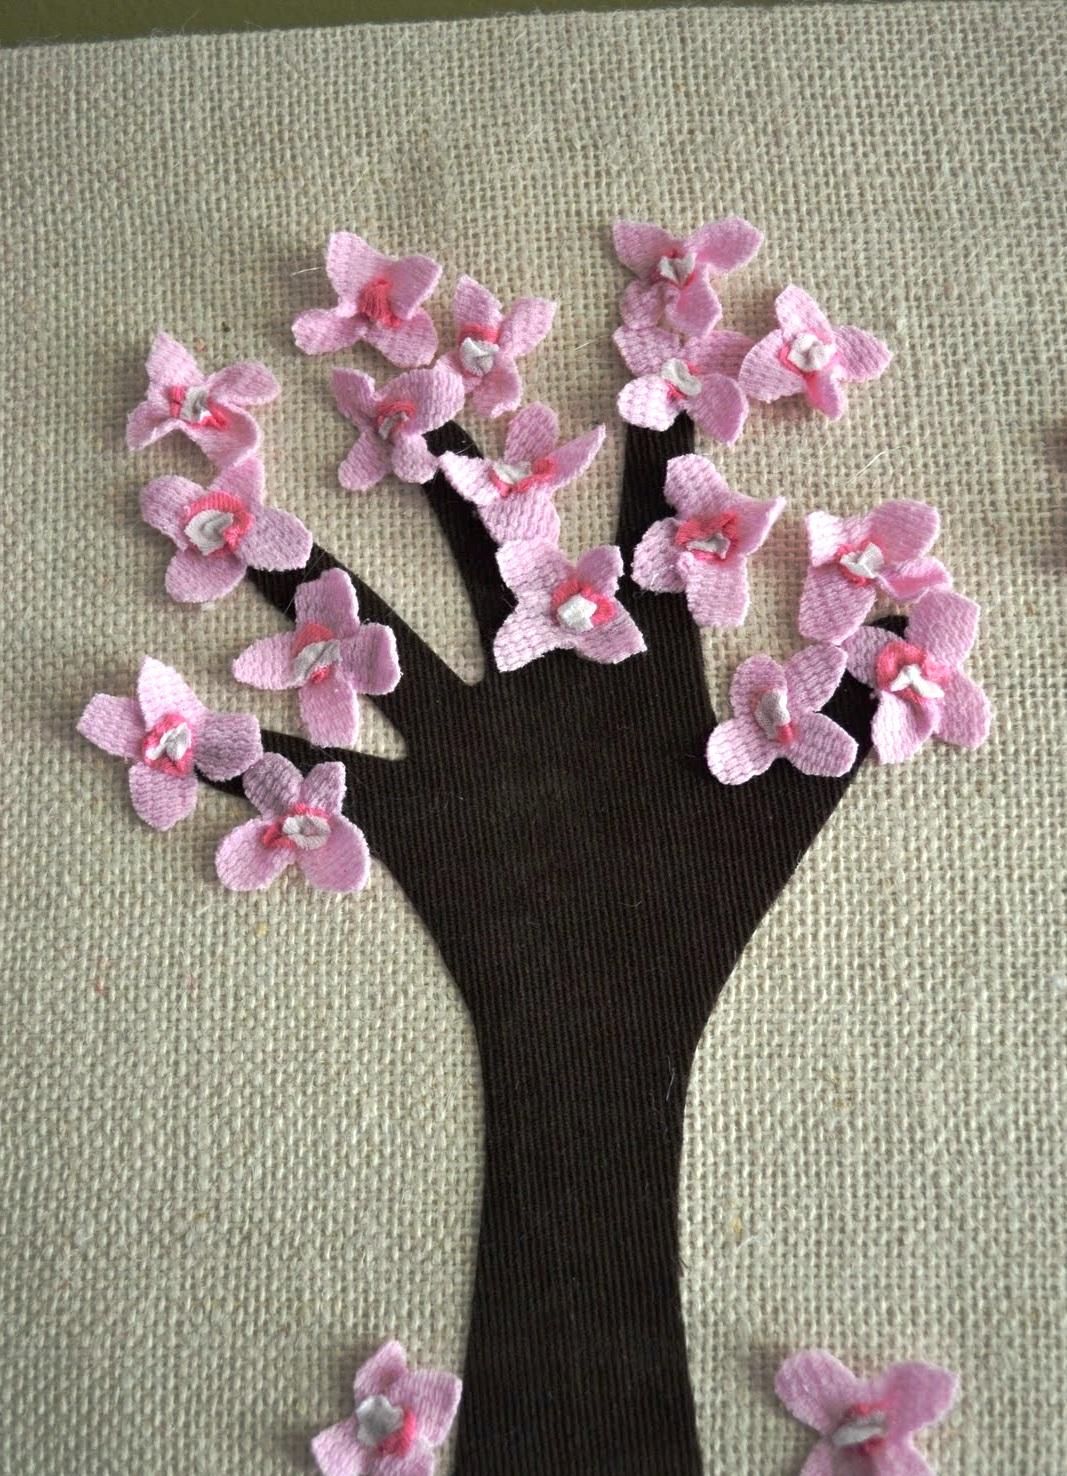 Подарок для мамы на 8 марта своими руками - красивые картины своими руками (2) .